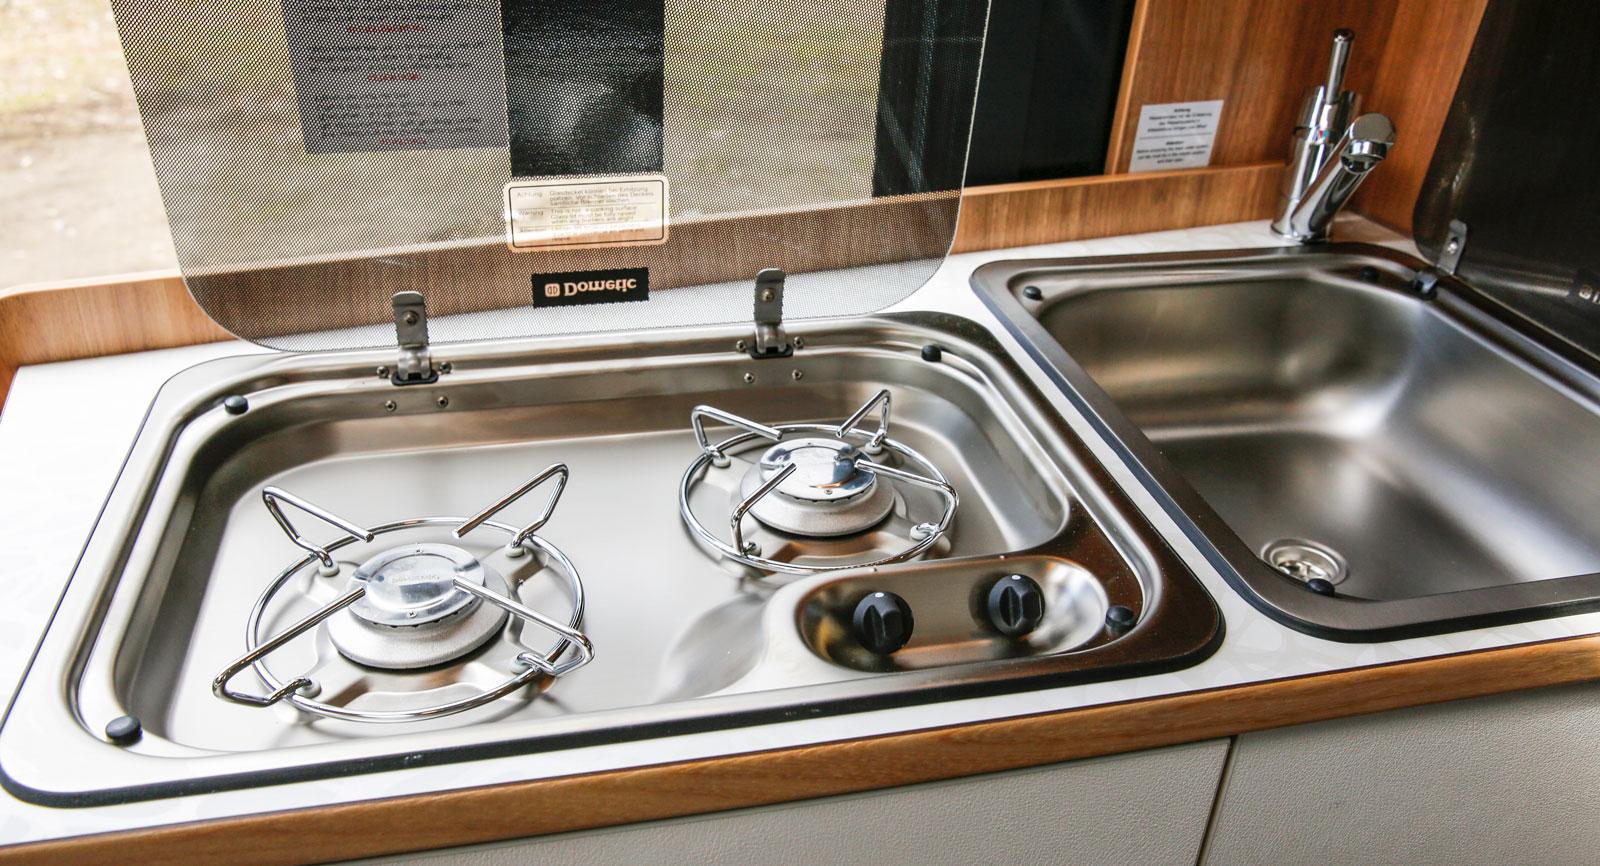 Glaslocken över både spis och vask möjliggör att man kan använda utrymmet till annat. Bänken blir platt och kan till och med täckas med en duk.